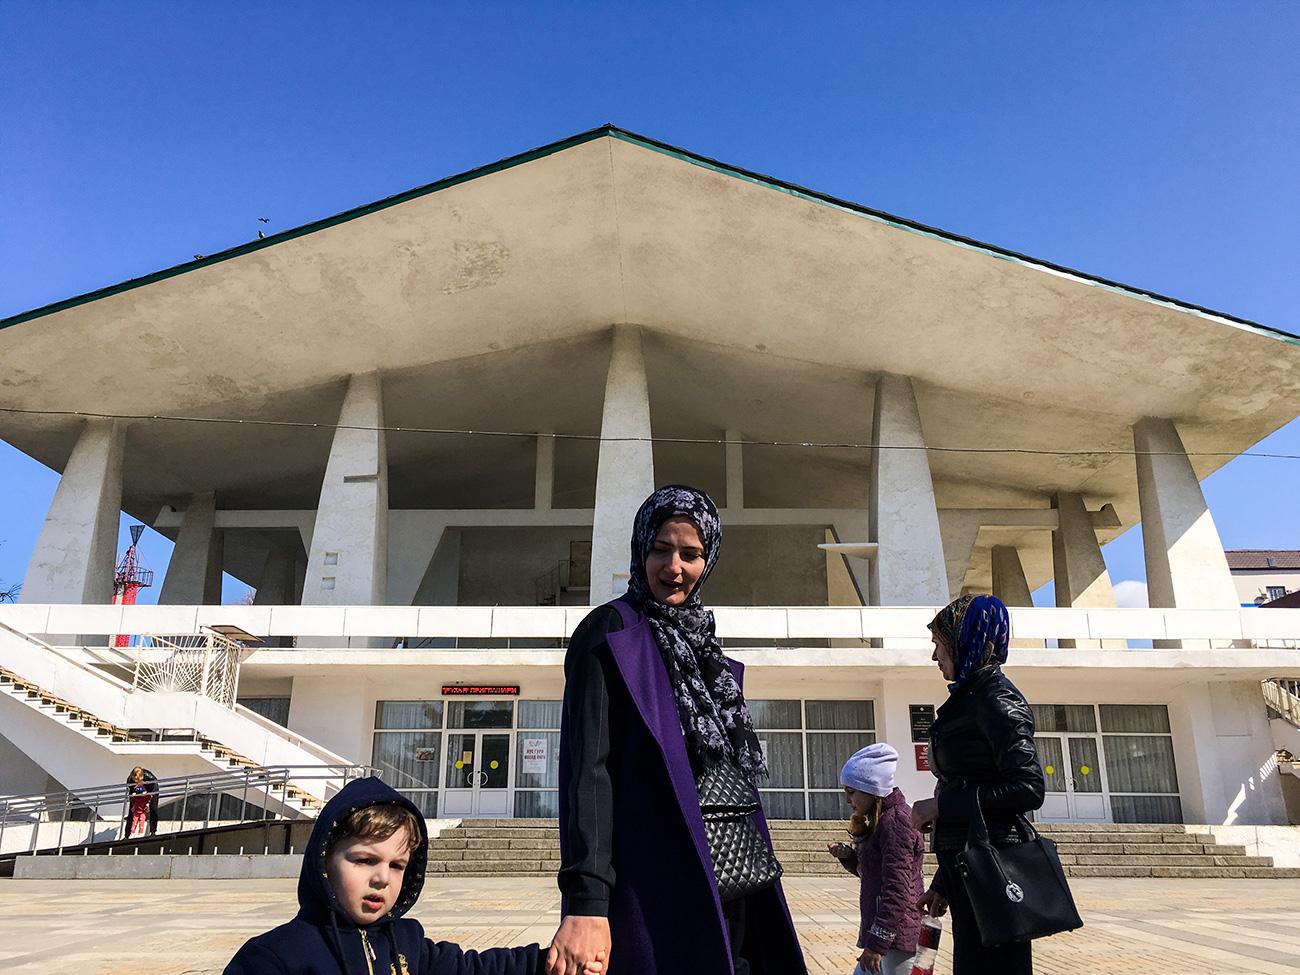 Les touristes ne doivent se conformer à aucun code vestimentaire : se couvrir la tête ou porter une jupe longue n'est obligatoire que si vous voulez visiter une mosquée. Toutefois, il ne faut pas oublier que le Daghestan est une région du sud et que des vêtements trop courts ou trop ouverts risquent de vous causer un coup de soleil, fait remarquer la guide Iana Martirossova. Makhatchkala figure dans le top 5 des villes les plus chaudes de Russie, la température moyenne en été y étant de 30 degrés.